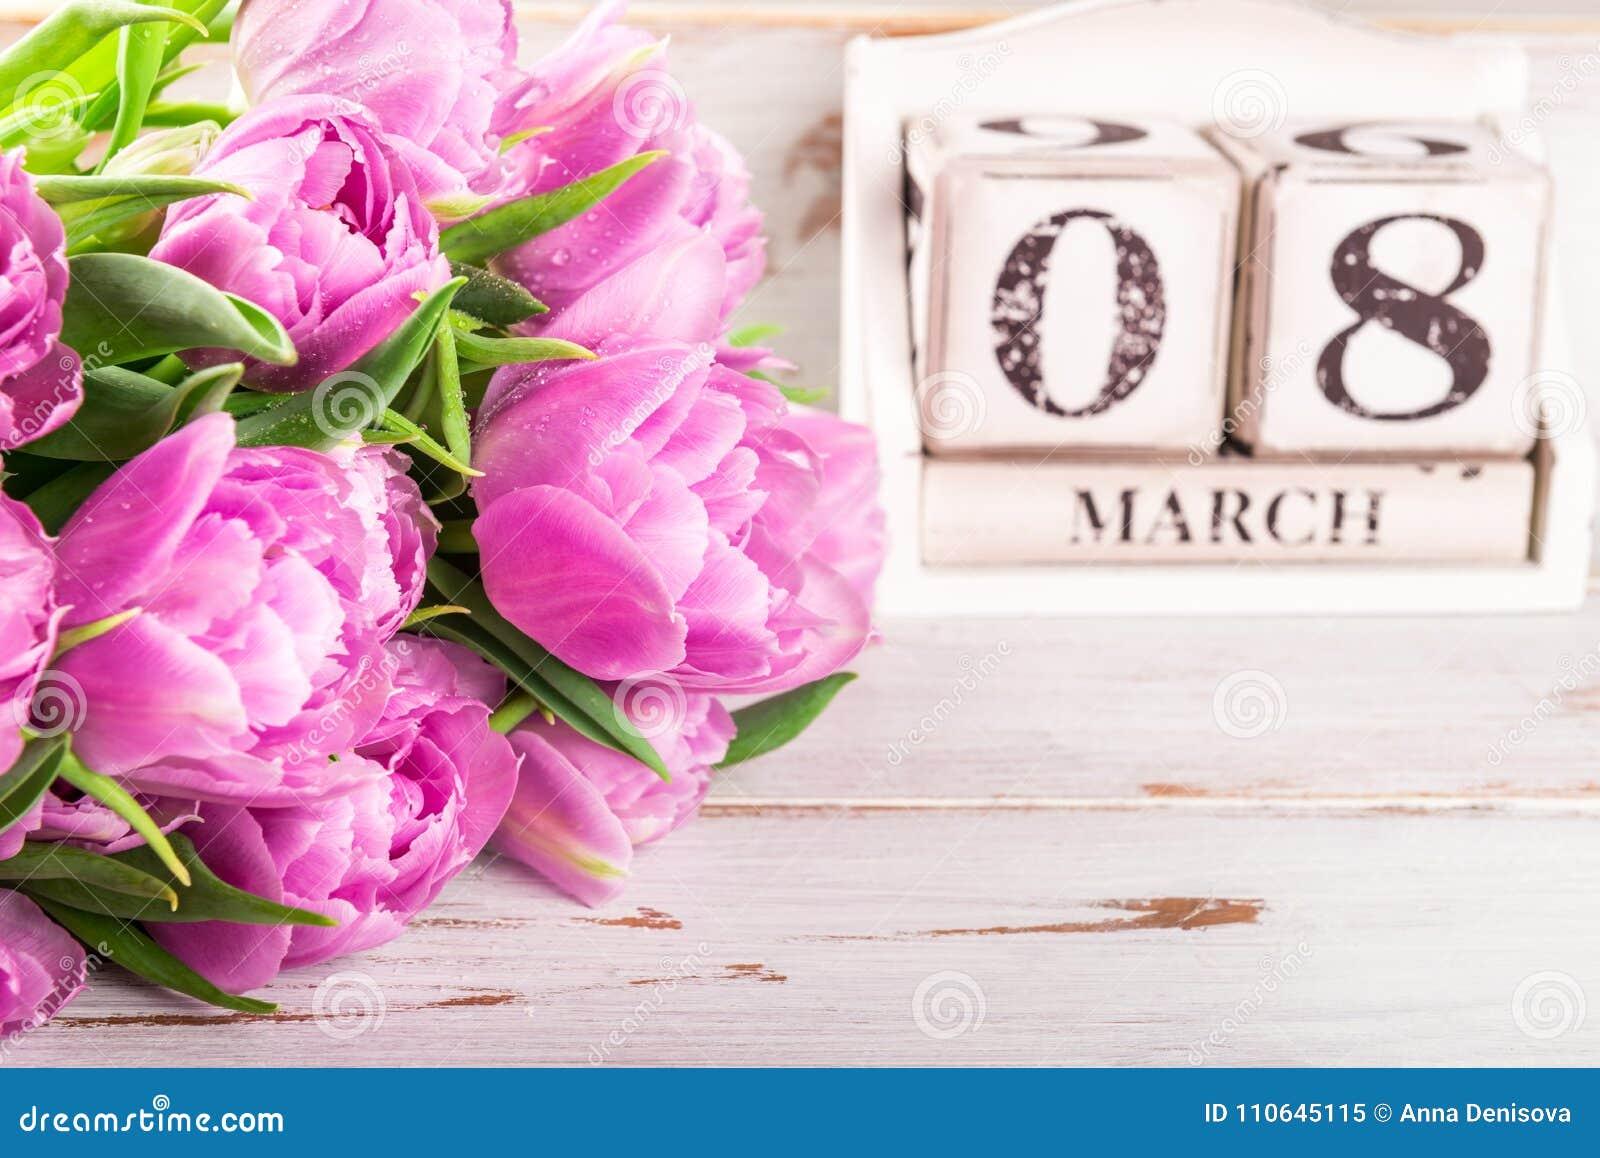 Bloco de madeira com data de dia das mulheres internacionais, o 8 de março